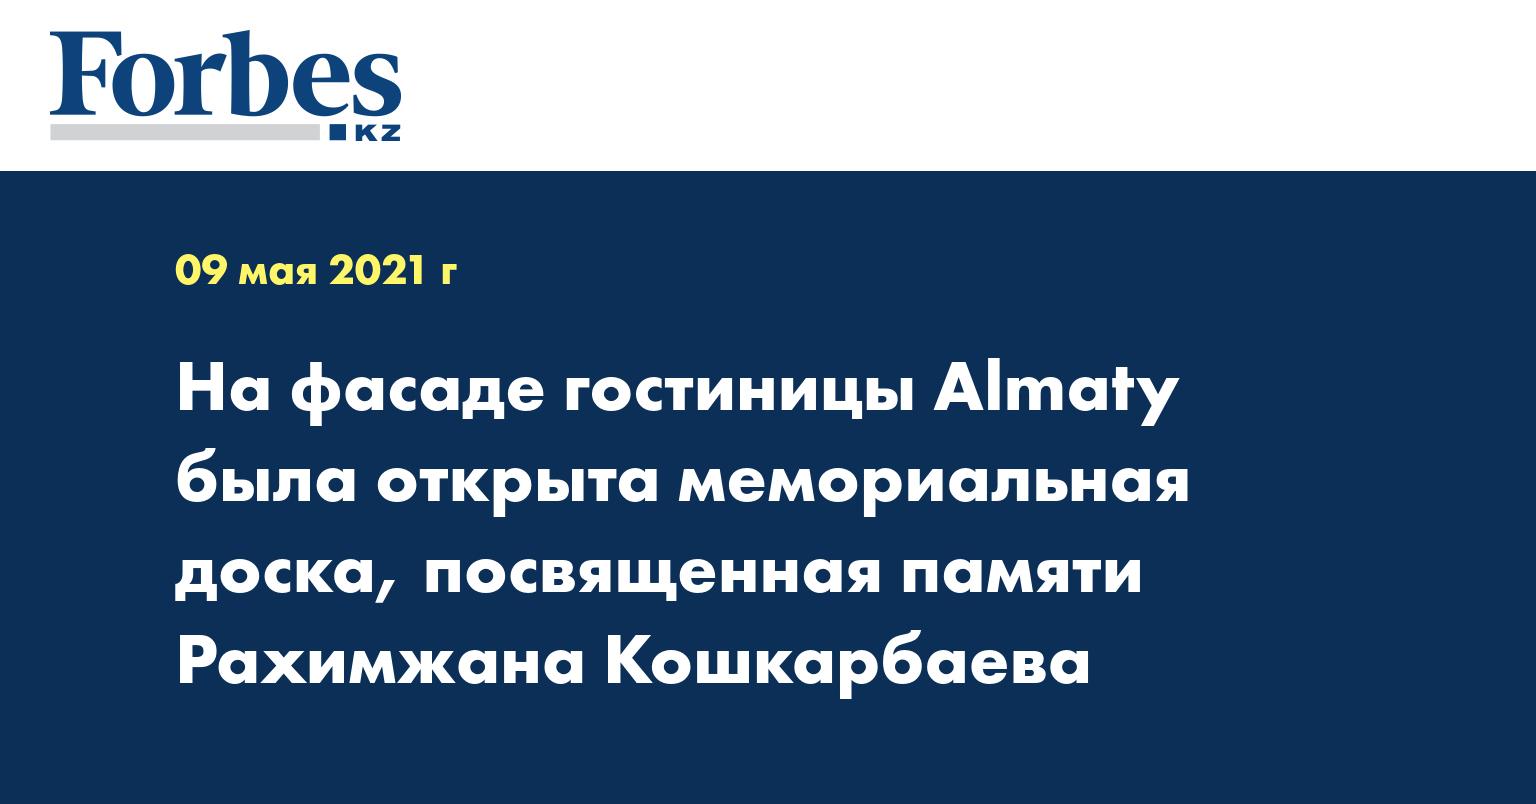 На фасаде гостиницы Almaty была открыта мемориальная доска, посвященная памяти Рахимжана Кошкарбаева